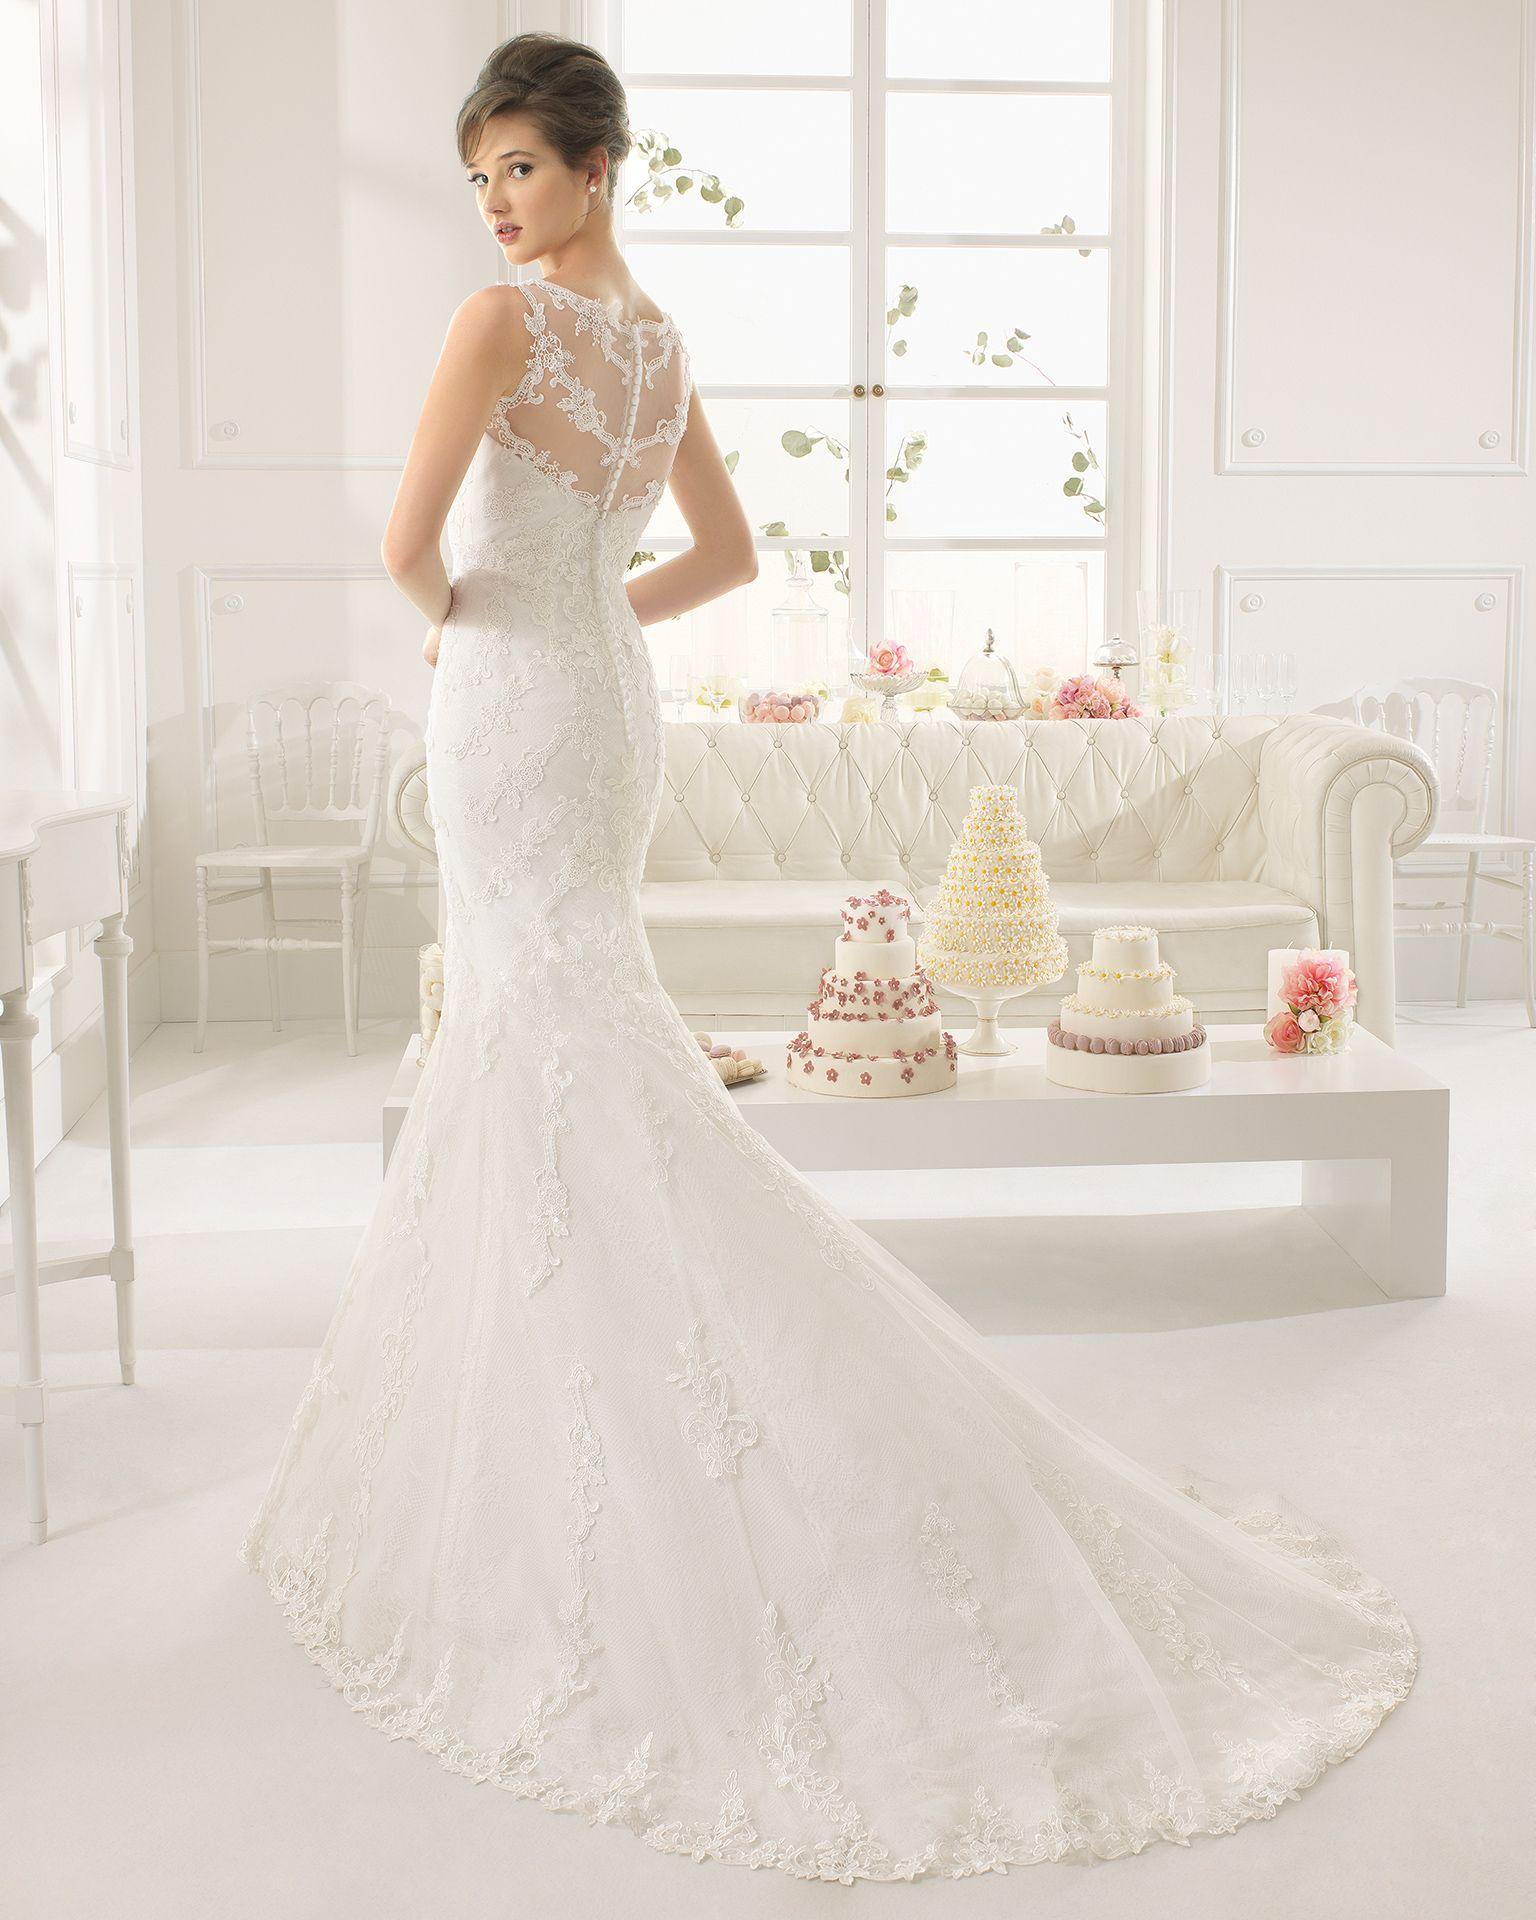 Aloe vestido de novia corte sirena